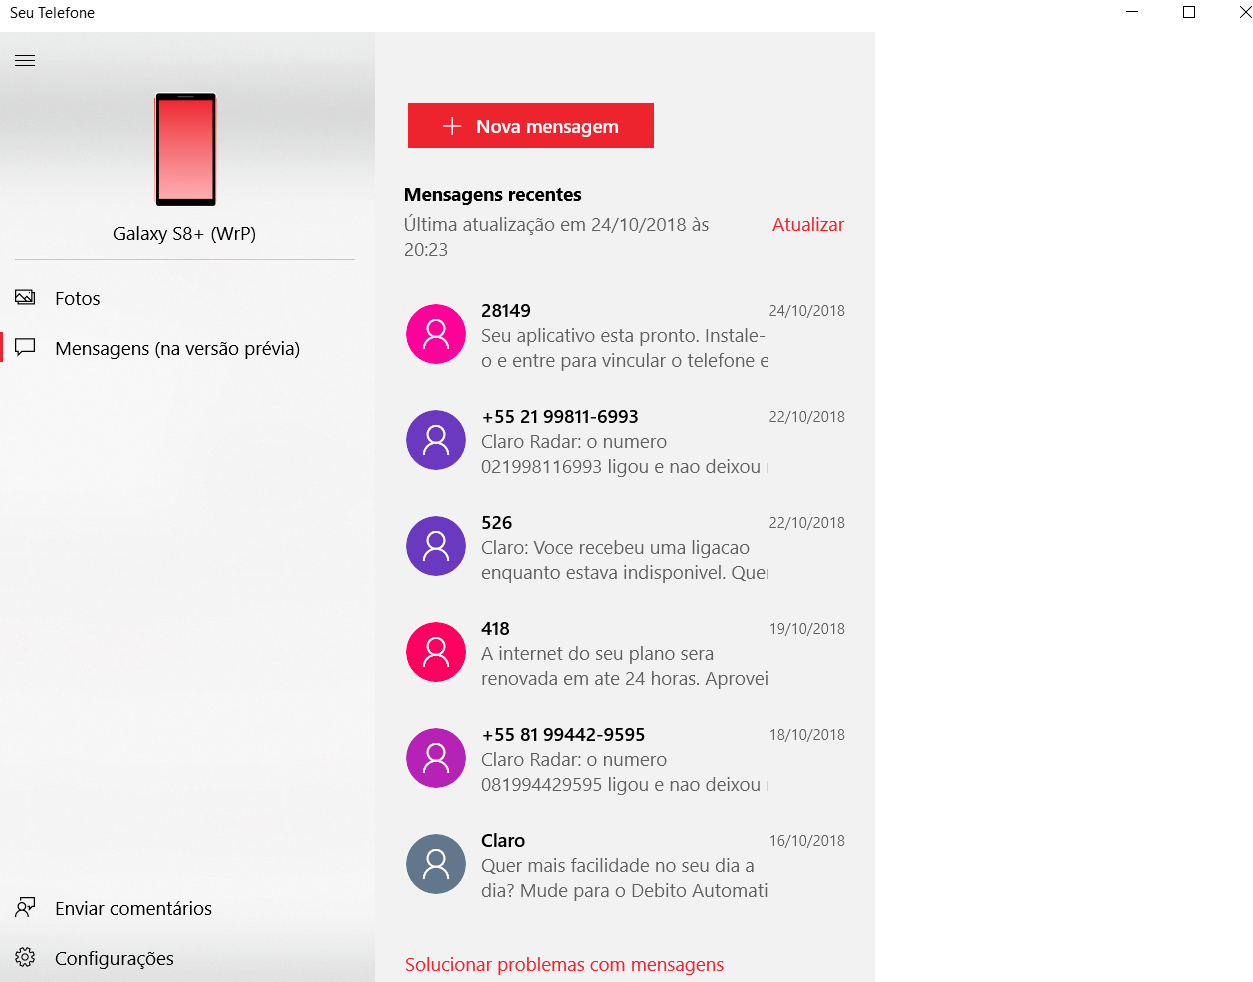 Confira como integrar o seu smartphone android com o windows 10. Preparamos um tutorial com o passo a passo necessário para integrar o seu smartphone android com o novo windows 10